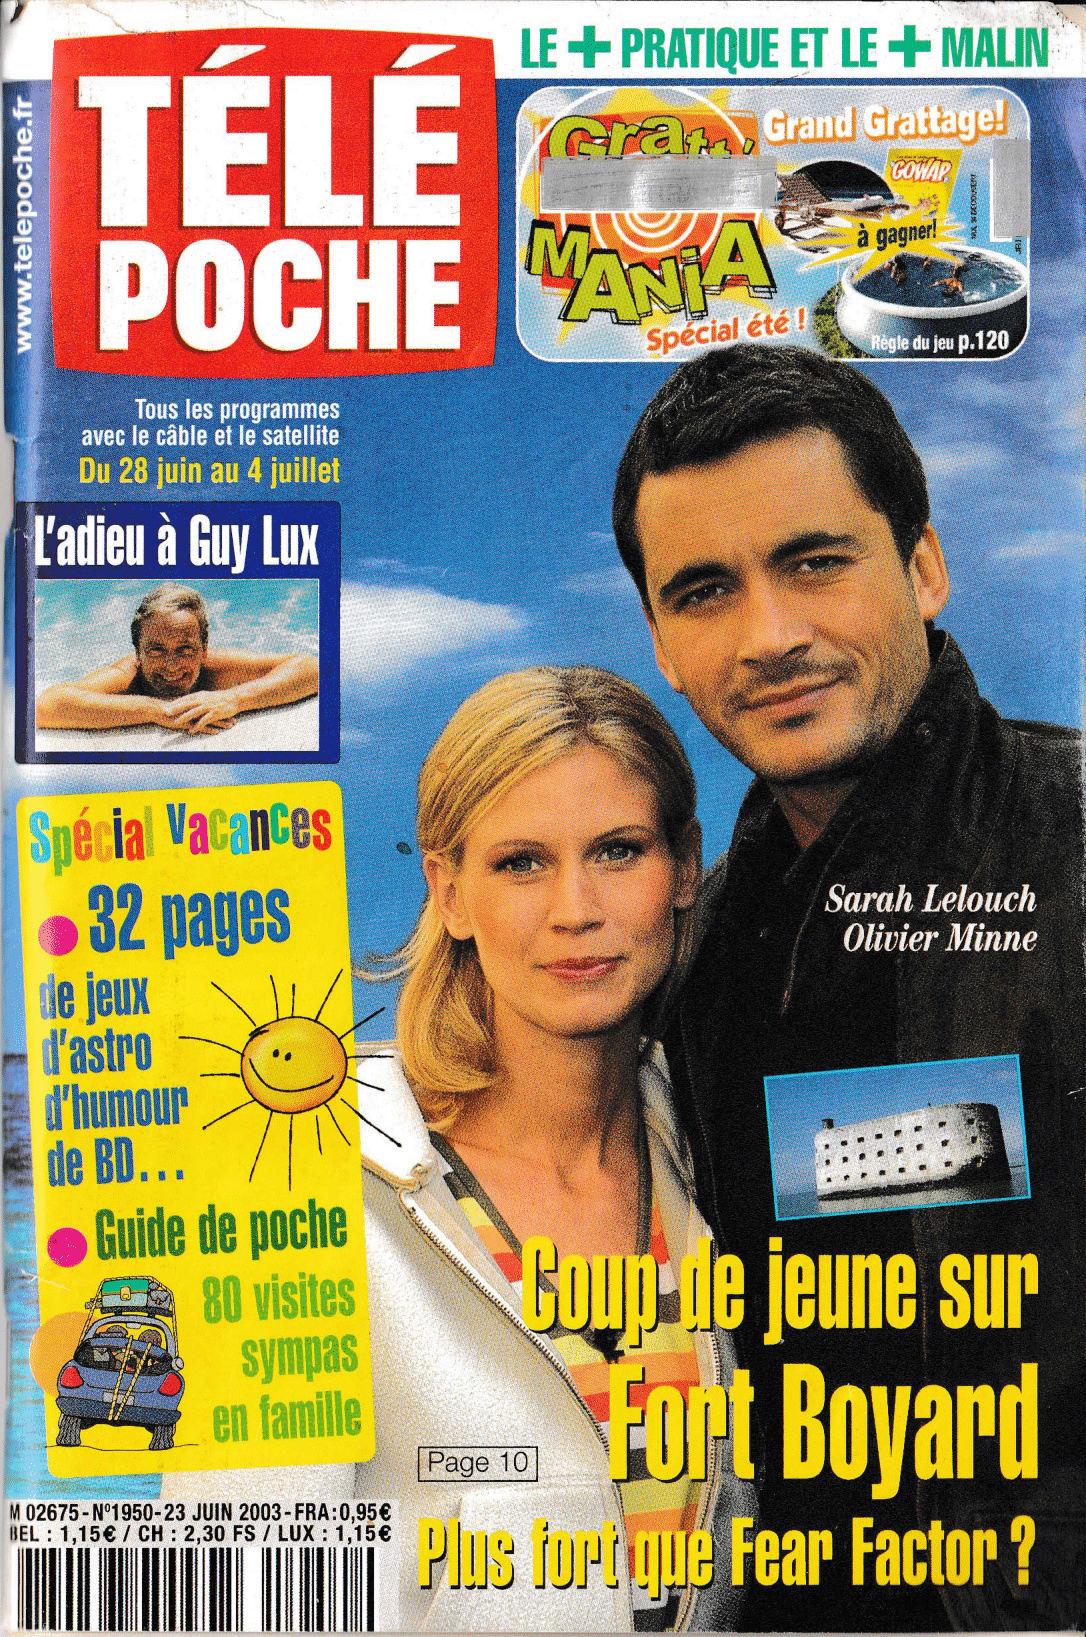 Articles de presse depuis 1990 - Page 2 Fb_tzo10